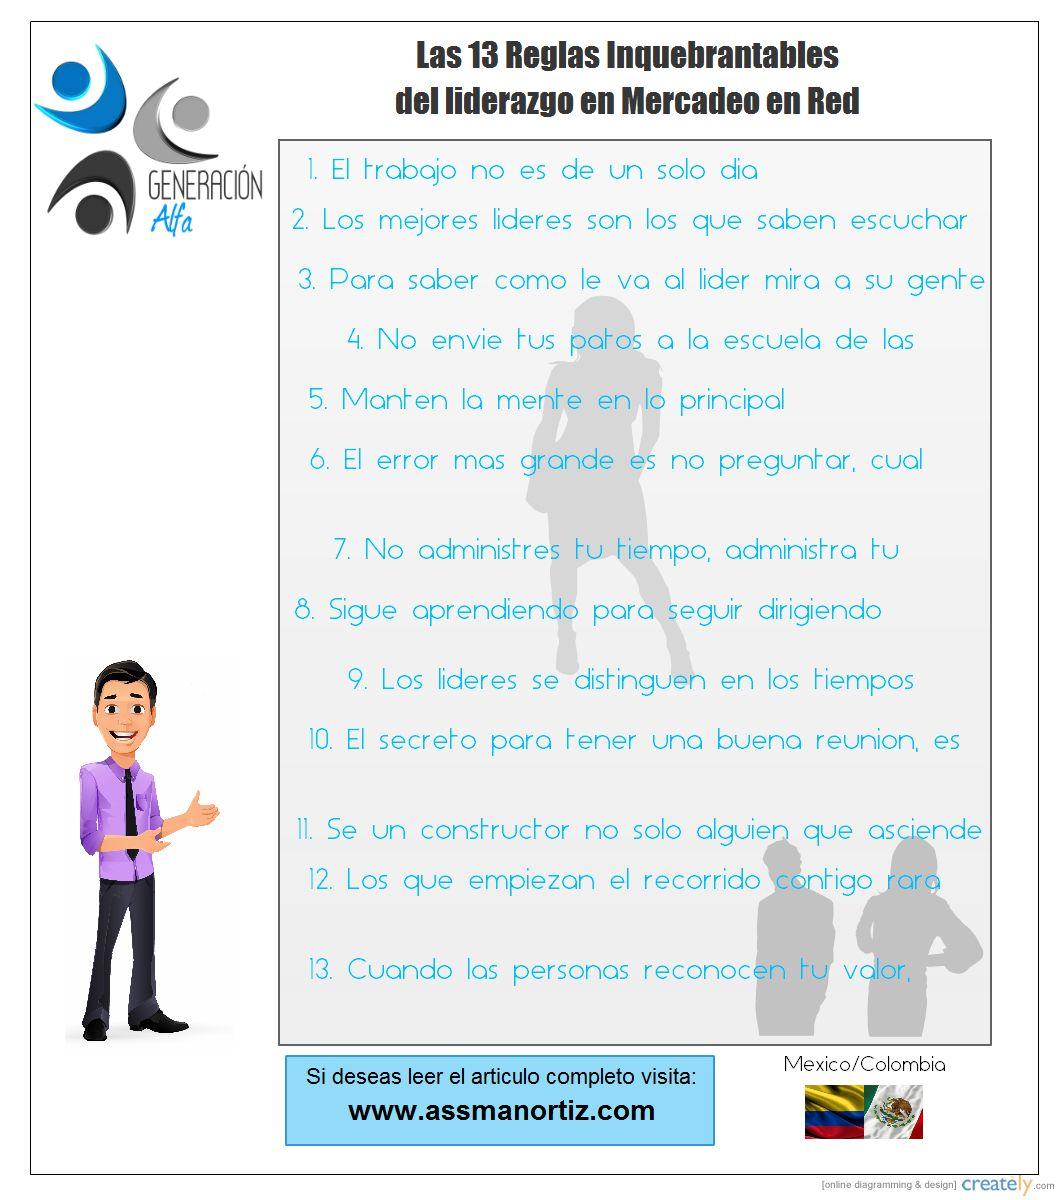 Si vas a hacer Mercadeo en Red en serio estas son reglas que debes considerar para sacar el mejor provecho. Exito!! http://goo.gl/4tRGrb